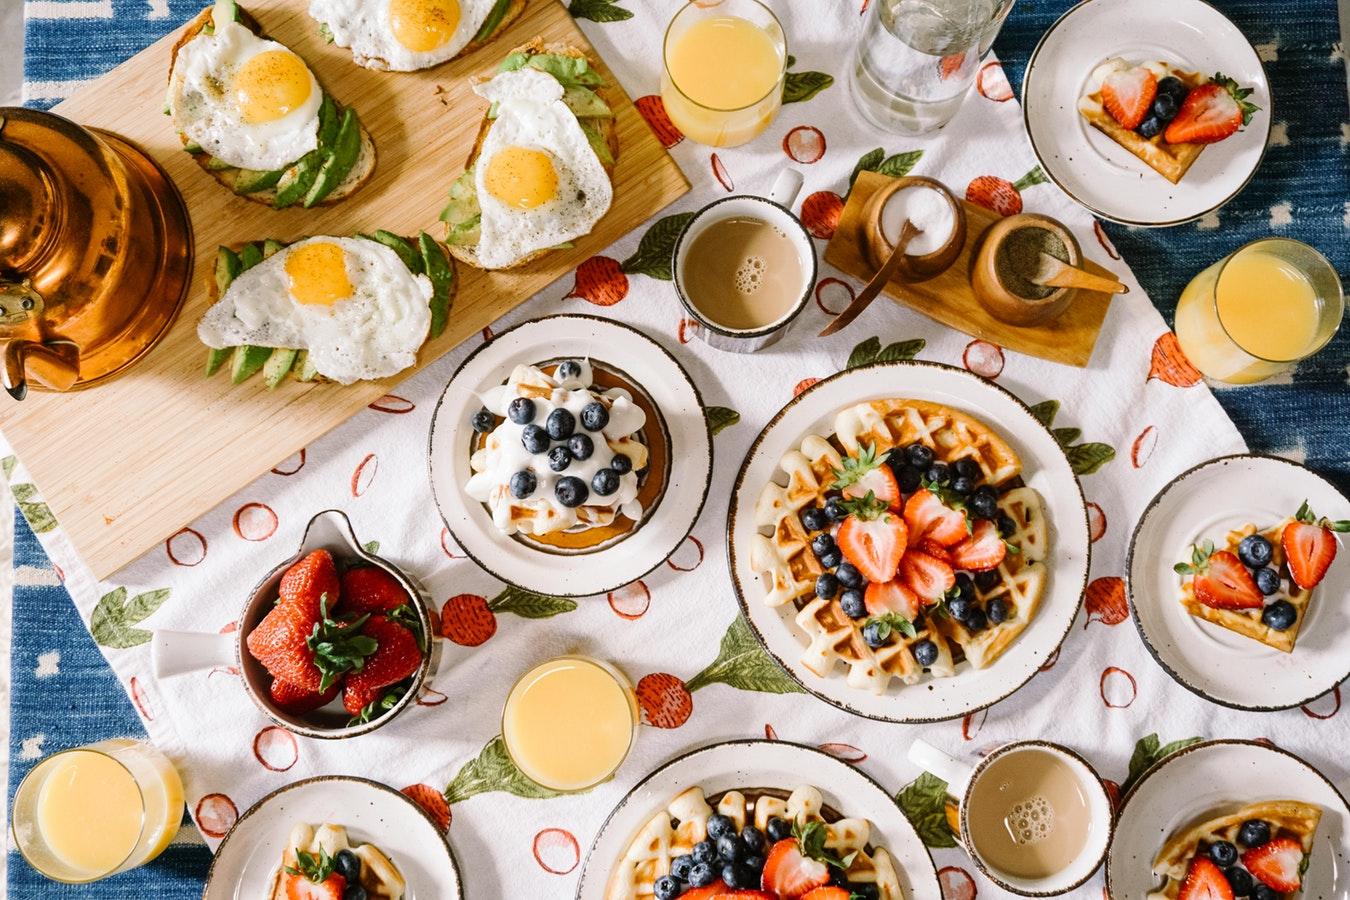 brucnh avec fraise, myrtille gaufres jus de fruits et des oeufs